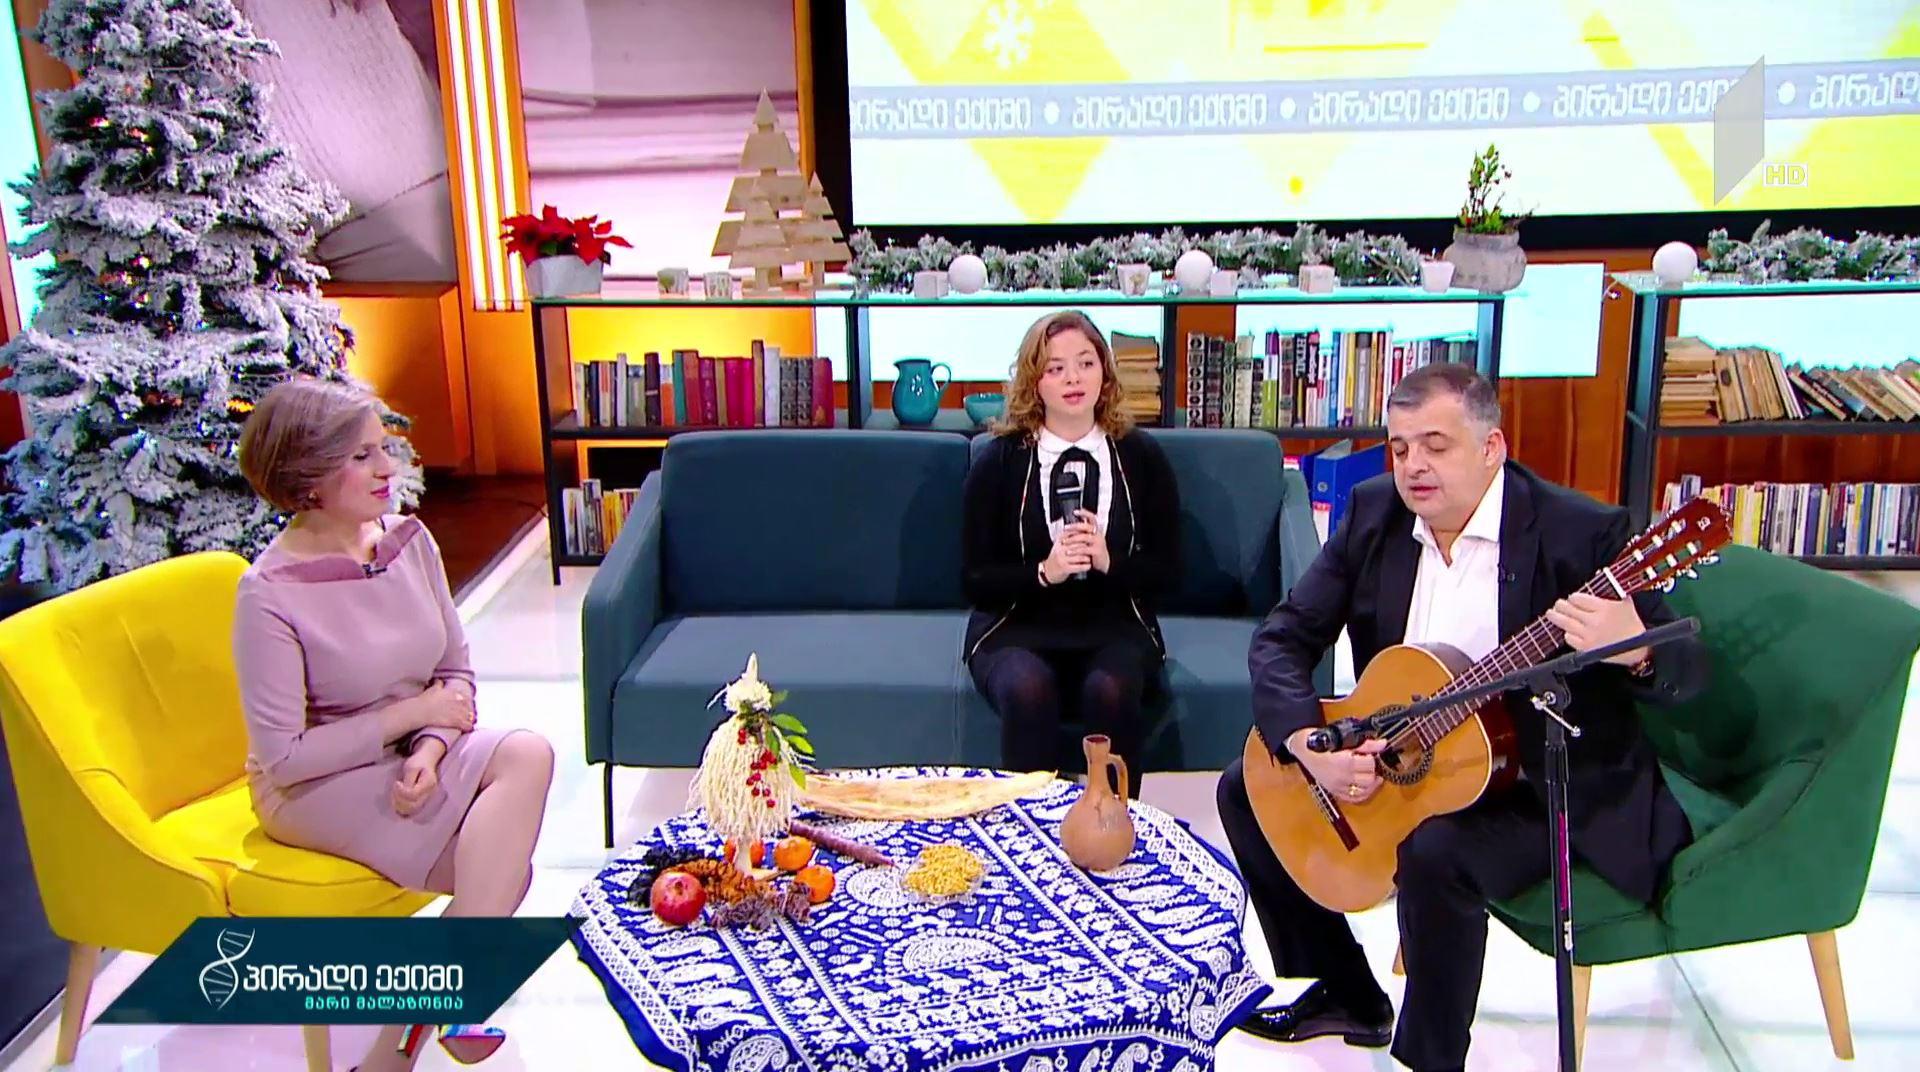 #ახალიდღე #საახალწლოეთერი ცნობილი ექიმის მომღერალი ოჯახი მარი მალაზონიასთან -